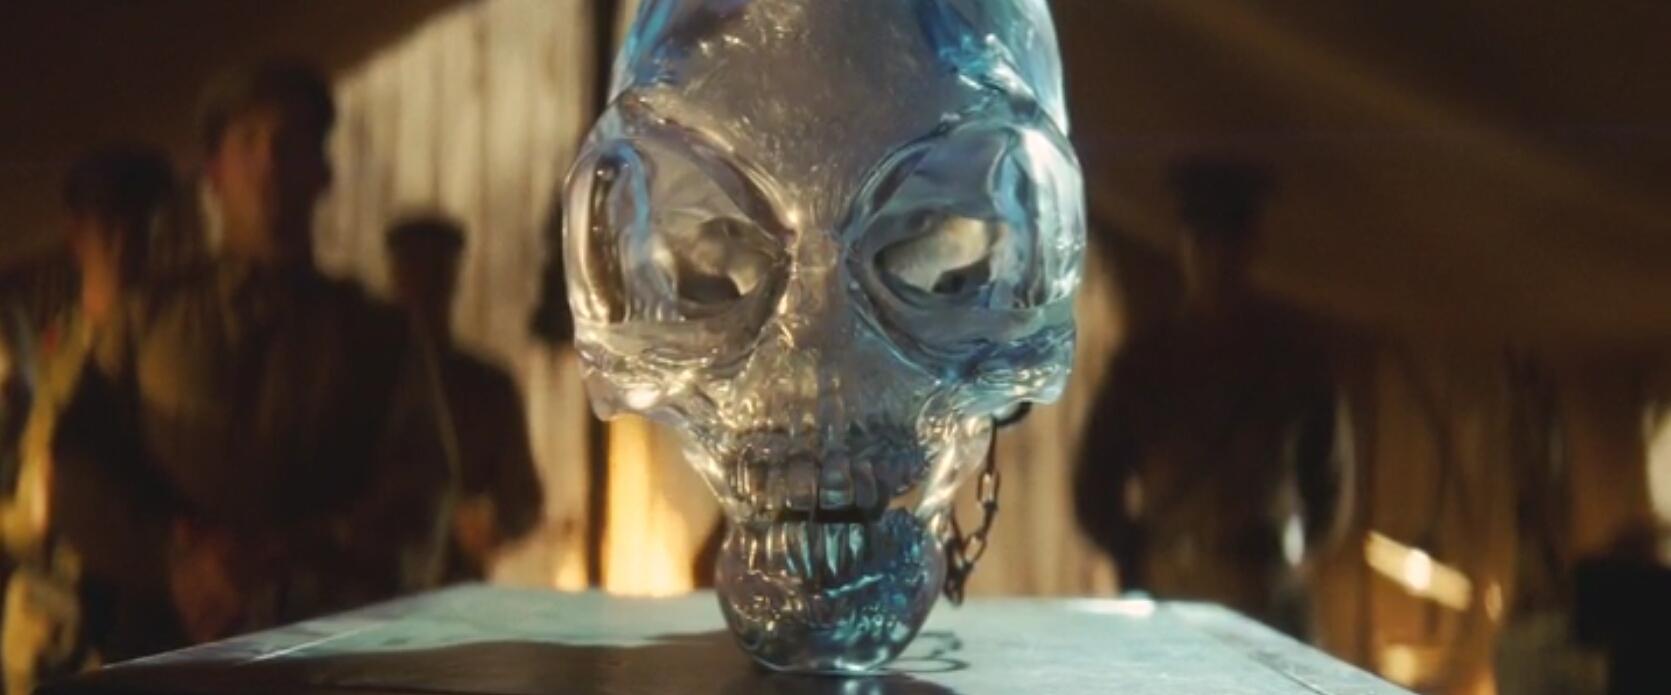 Историю о вытянутых черепах использовали Джордж Лукас и Стивен Спилберг в четвертой части фильма о похождениях археолога с кнутом — Индиана Джонс и Королевство хрустального черепа.